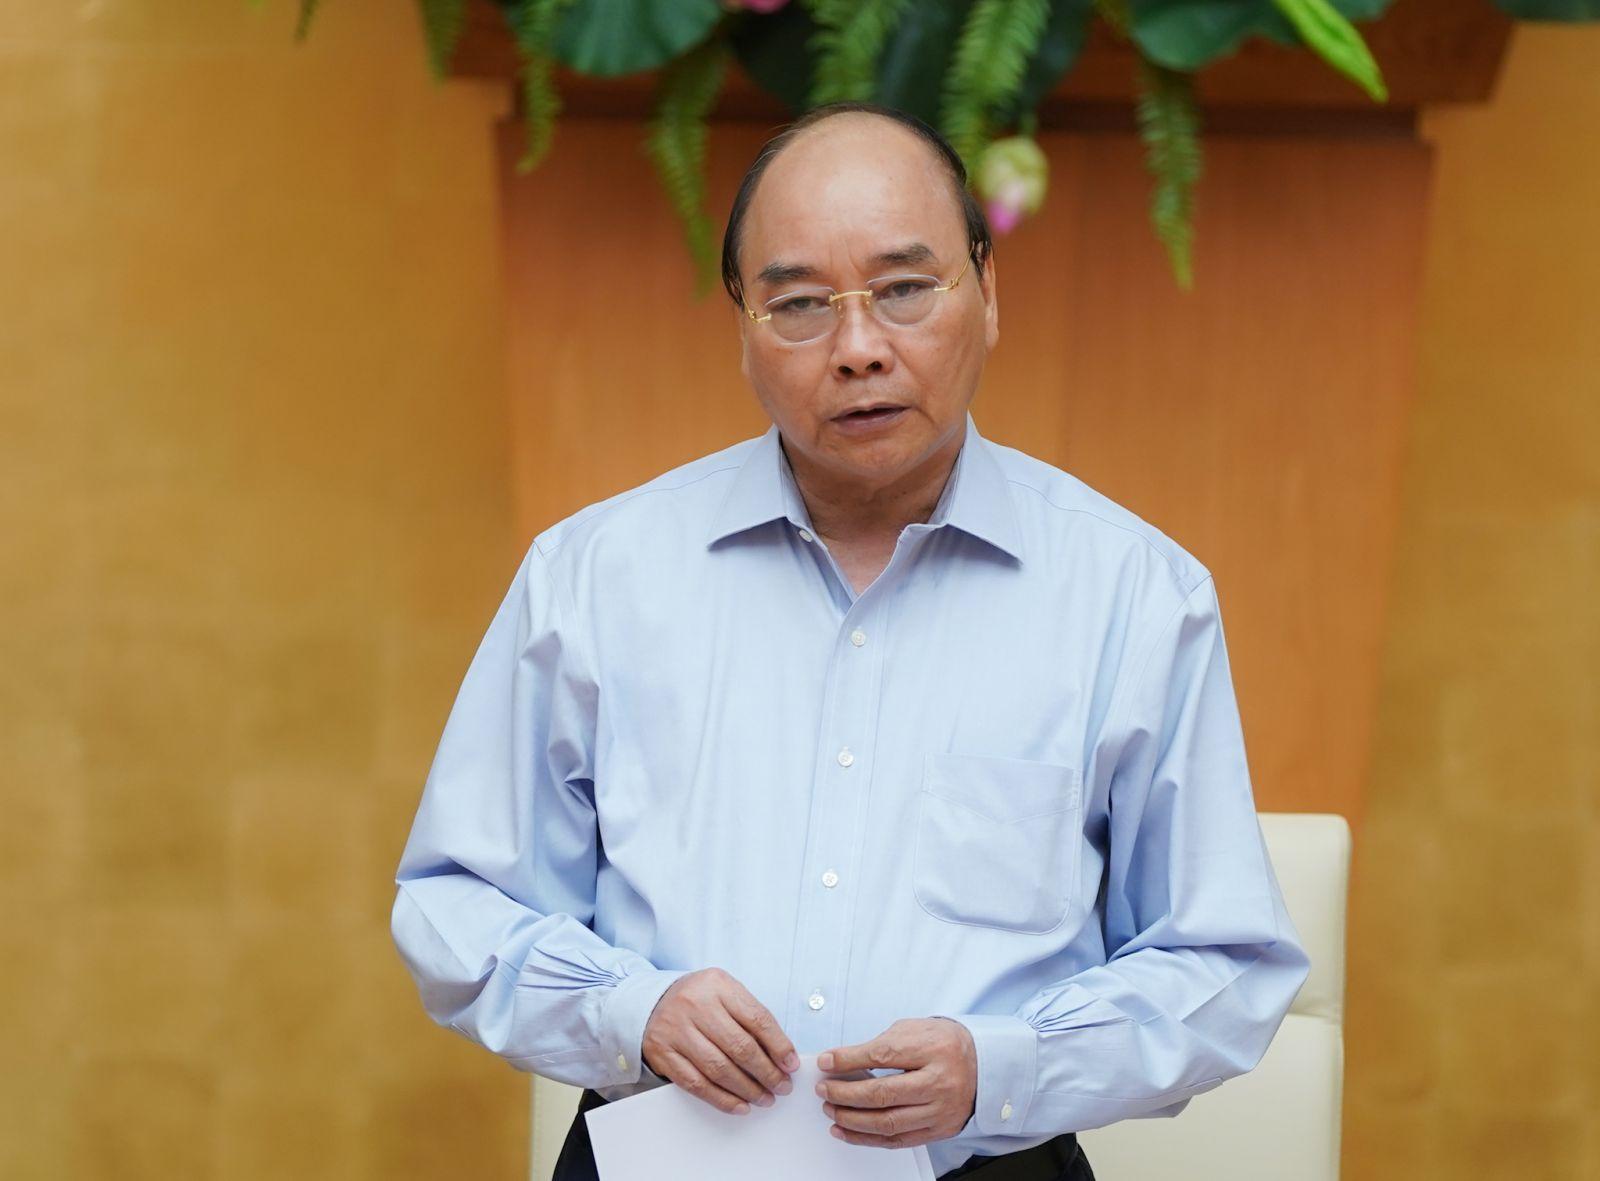 Thủ tướng Nguyễn Xuân Phúc yêu cầu các địa phương đang có dịch phải kịp thời tăng cường, bảo đảm có đủ vật tư, sinh phẩm phục vụ xét nghiệm